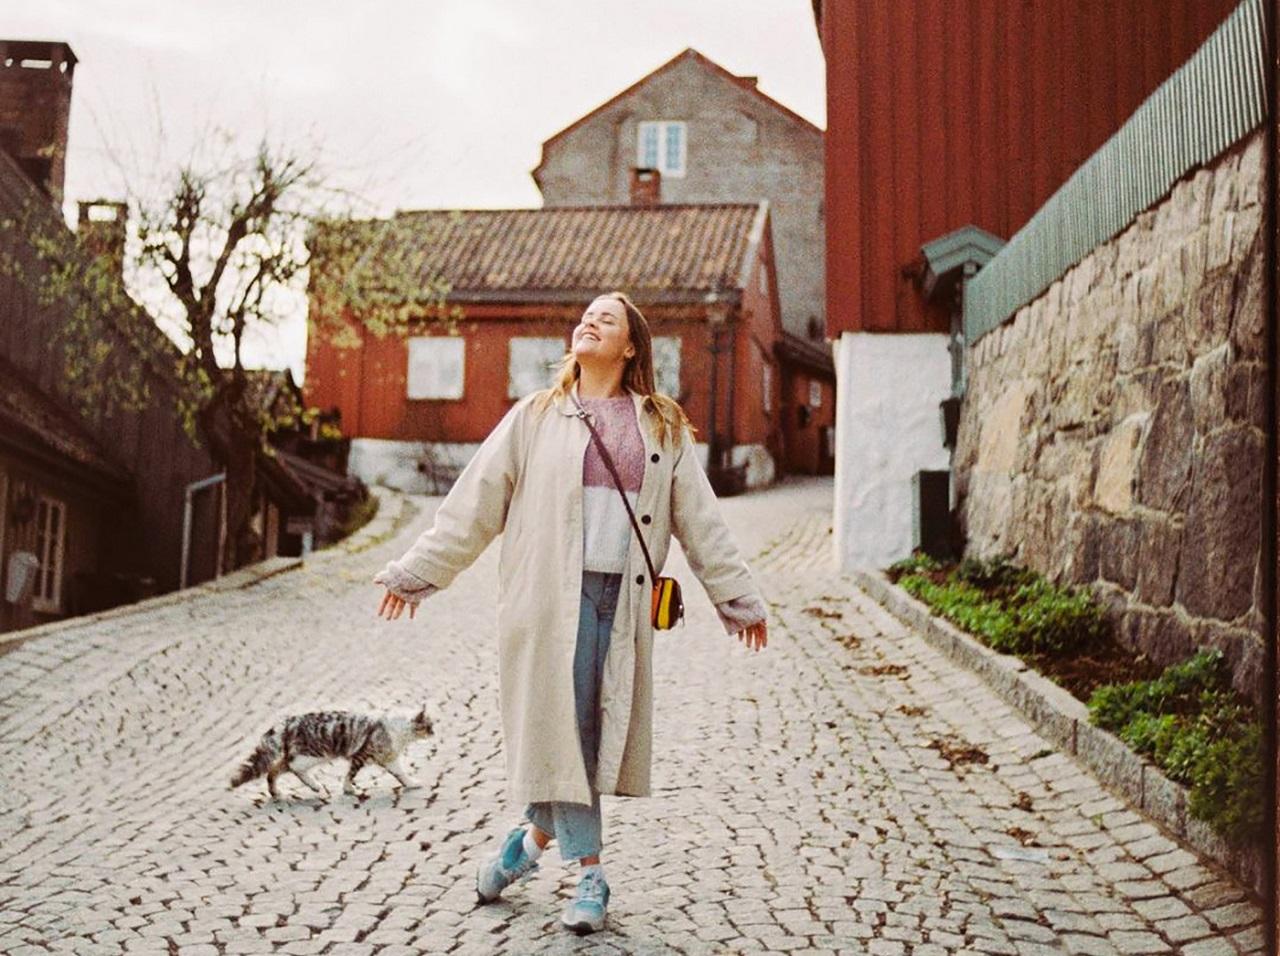 Norgesferie 2021 - Illustrasjon - Frende